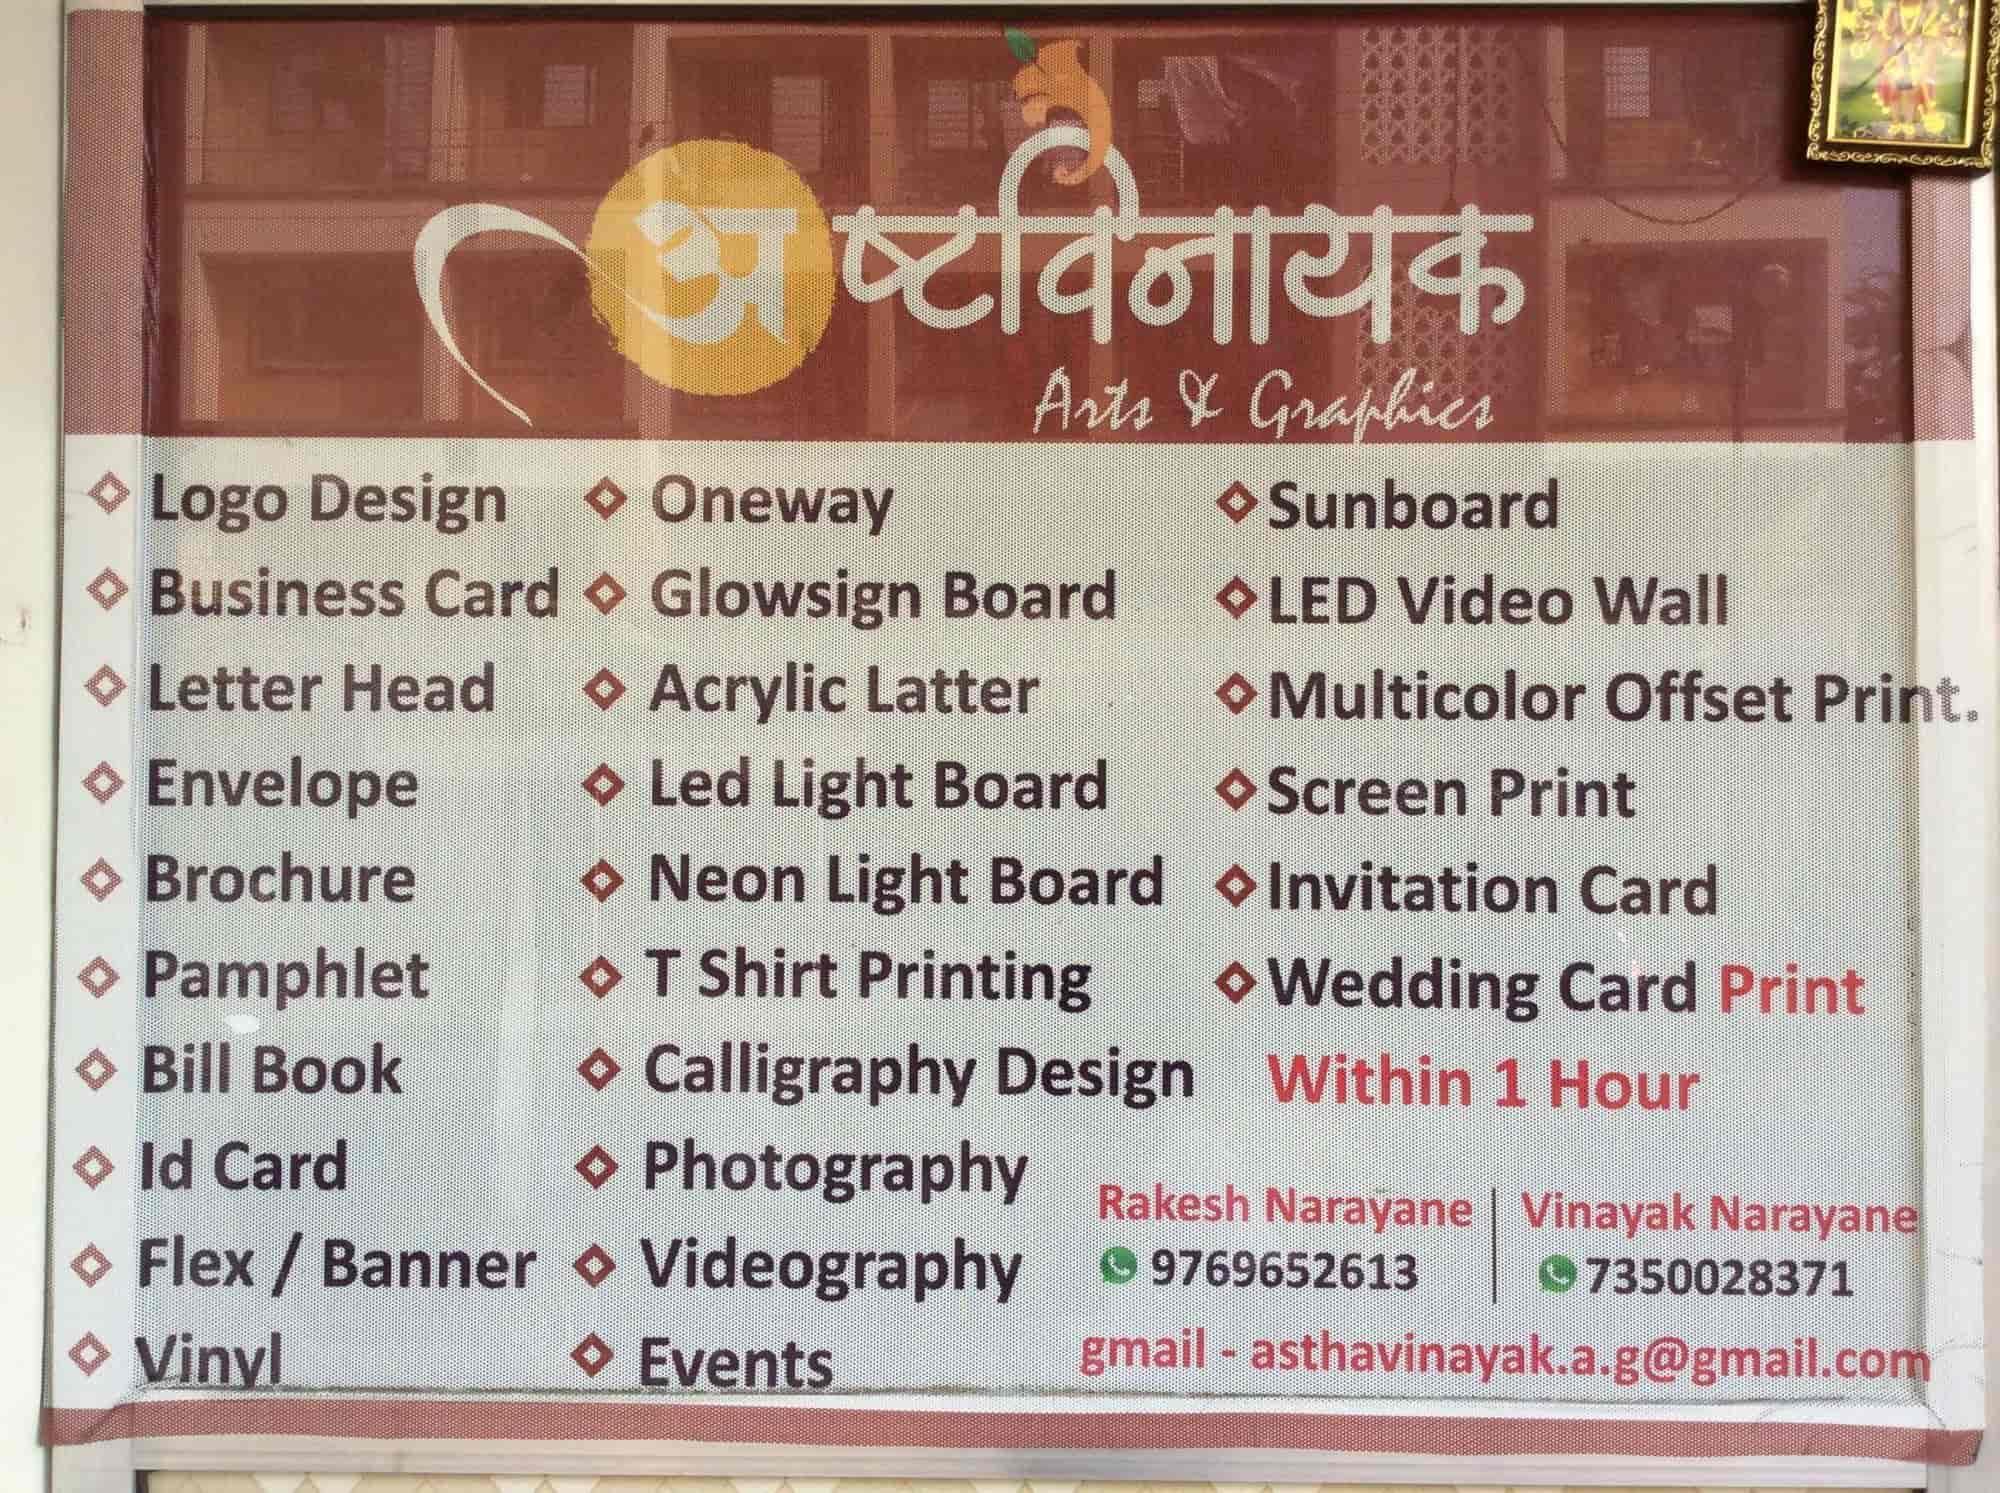 Astavinayak Arts And Graphic Virar East T Shirt Printers In